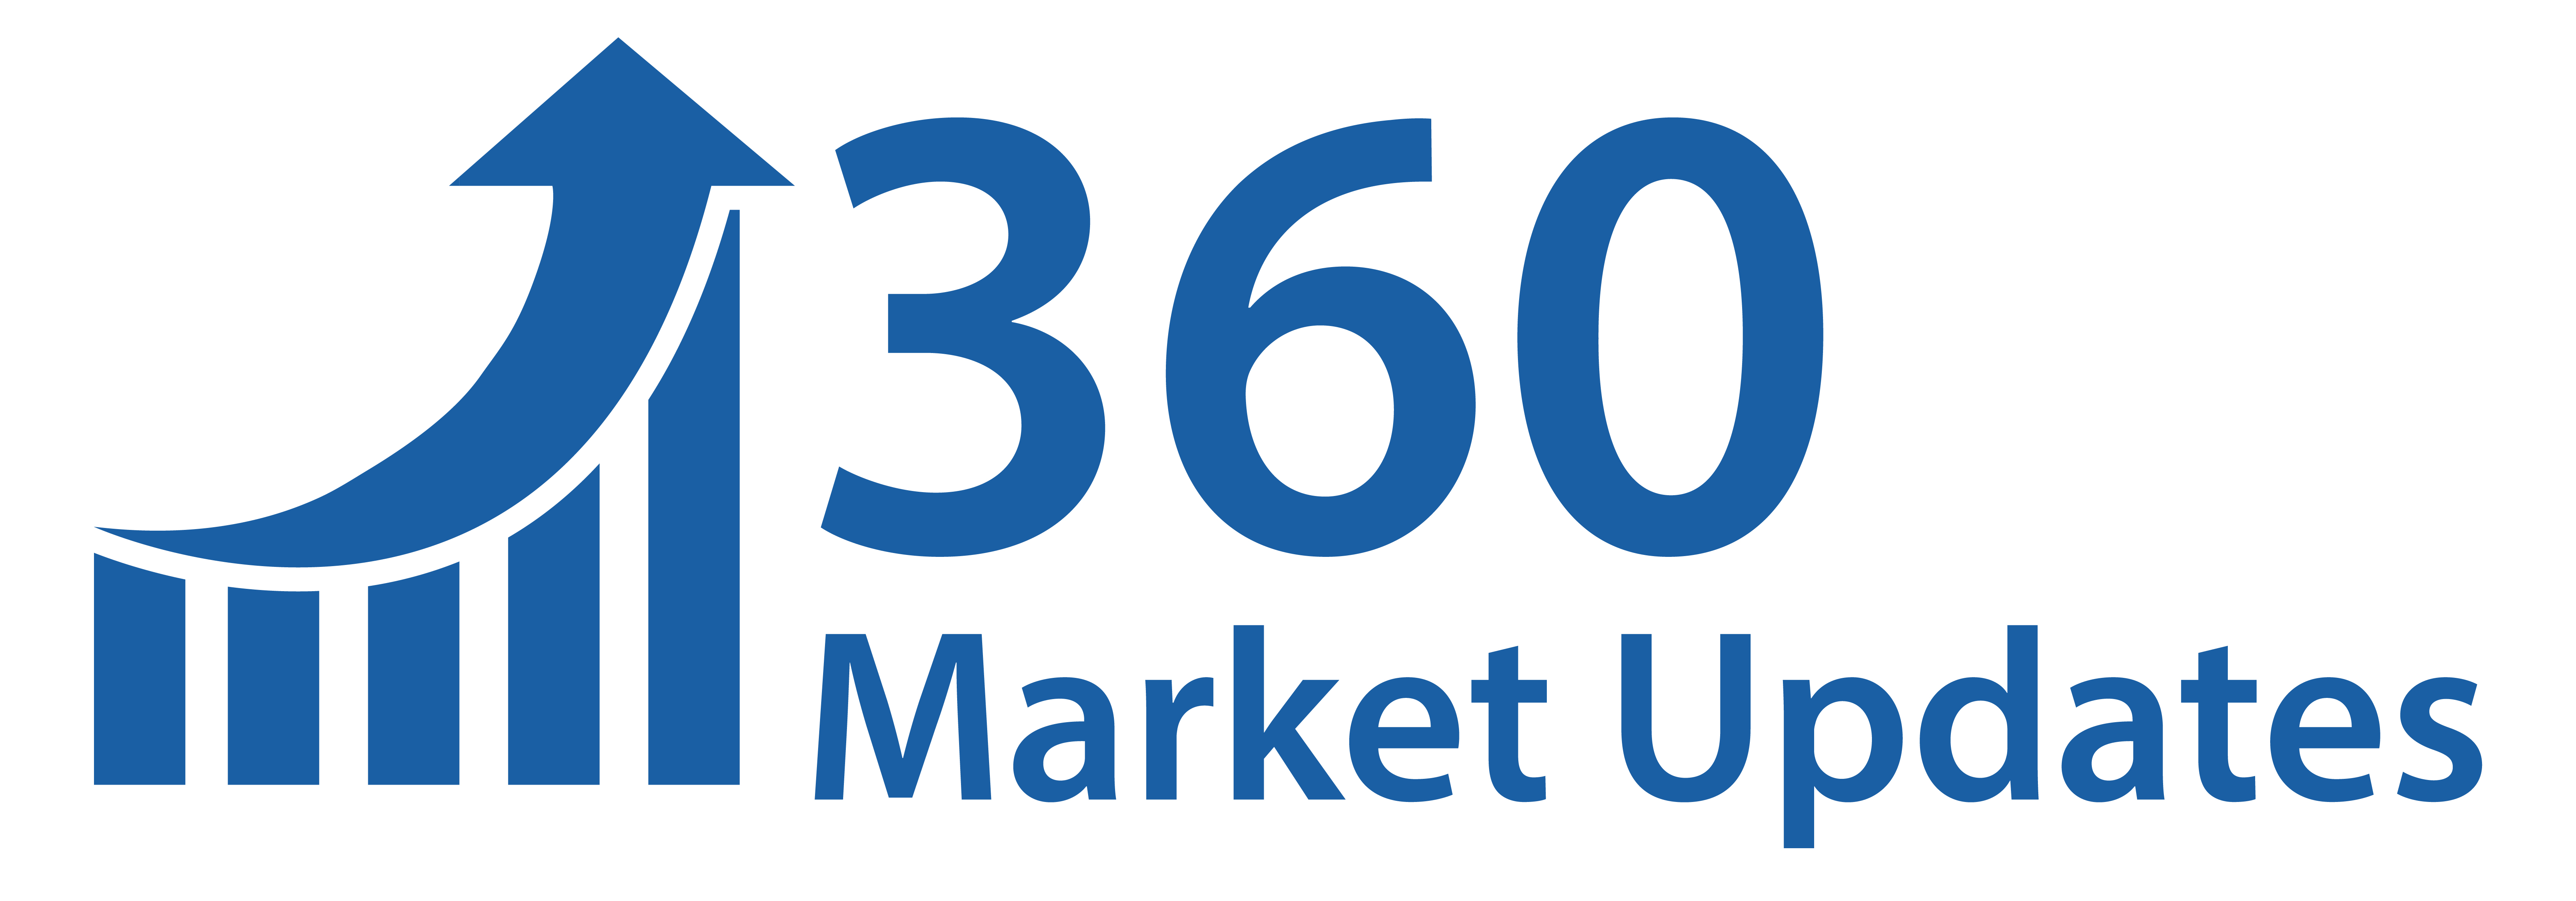 Markt für Atemschutzgeräte 2020 Branchengröße, Zukünftige Trends, Wachstumsschlüsselfaktoren, Nachfrage, Geschäftsanteil, Umsatz & Einkommen, Hersteller, Anwendung, Umfang und Chancenanalyse nach Outlook – 2025